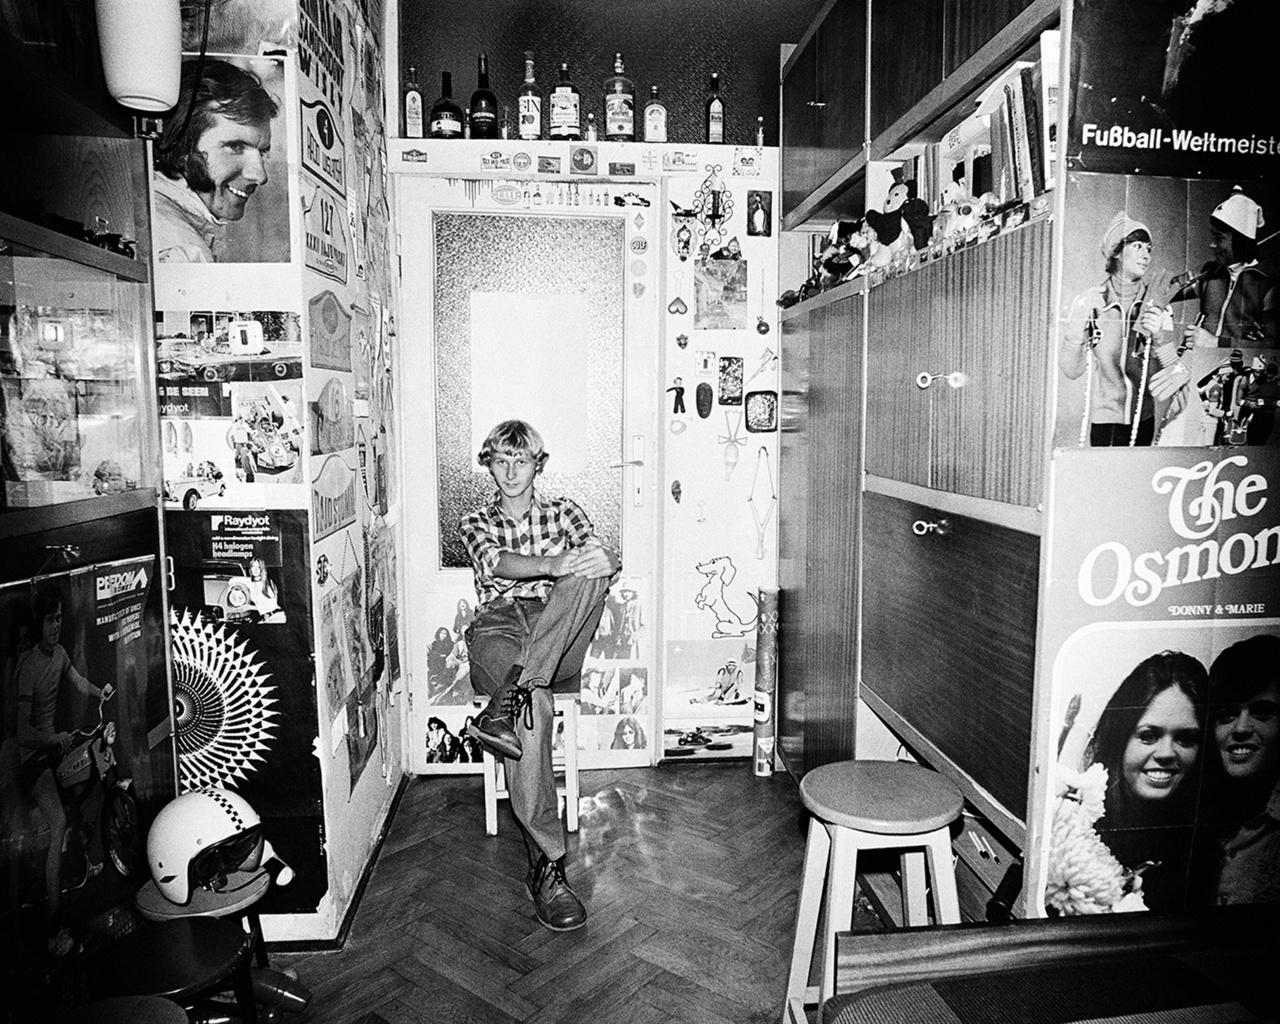 Jackie Stewart, The Osmonds, márkás nyugati italok és saját bukó a szekrénysor előtt. Rydet időnként belenyúlt a környezetbe: a felvétel előtt némileg átrendezte a szobában lévő tárgyakat, kisebb kompozíciót hozott létre az asztalon lévő dolgokból, egy-egy fotót a falon áthelyezett.